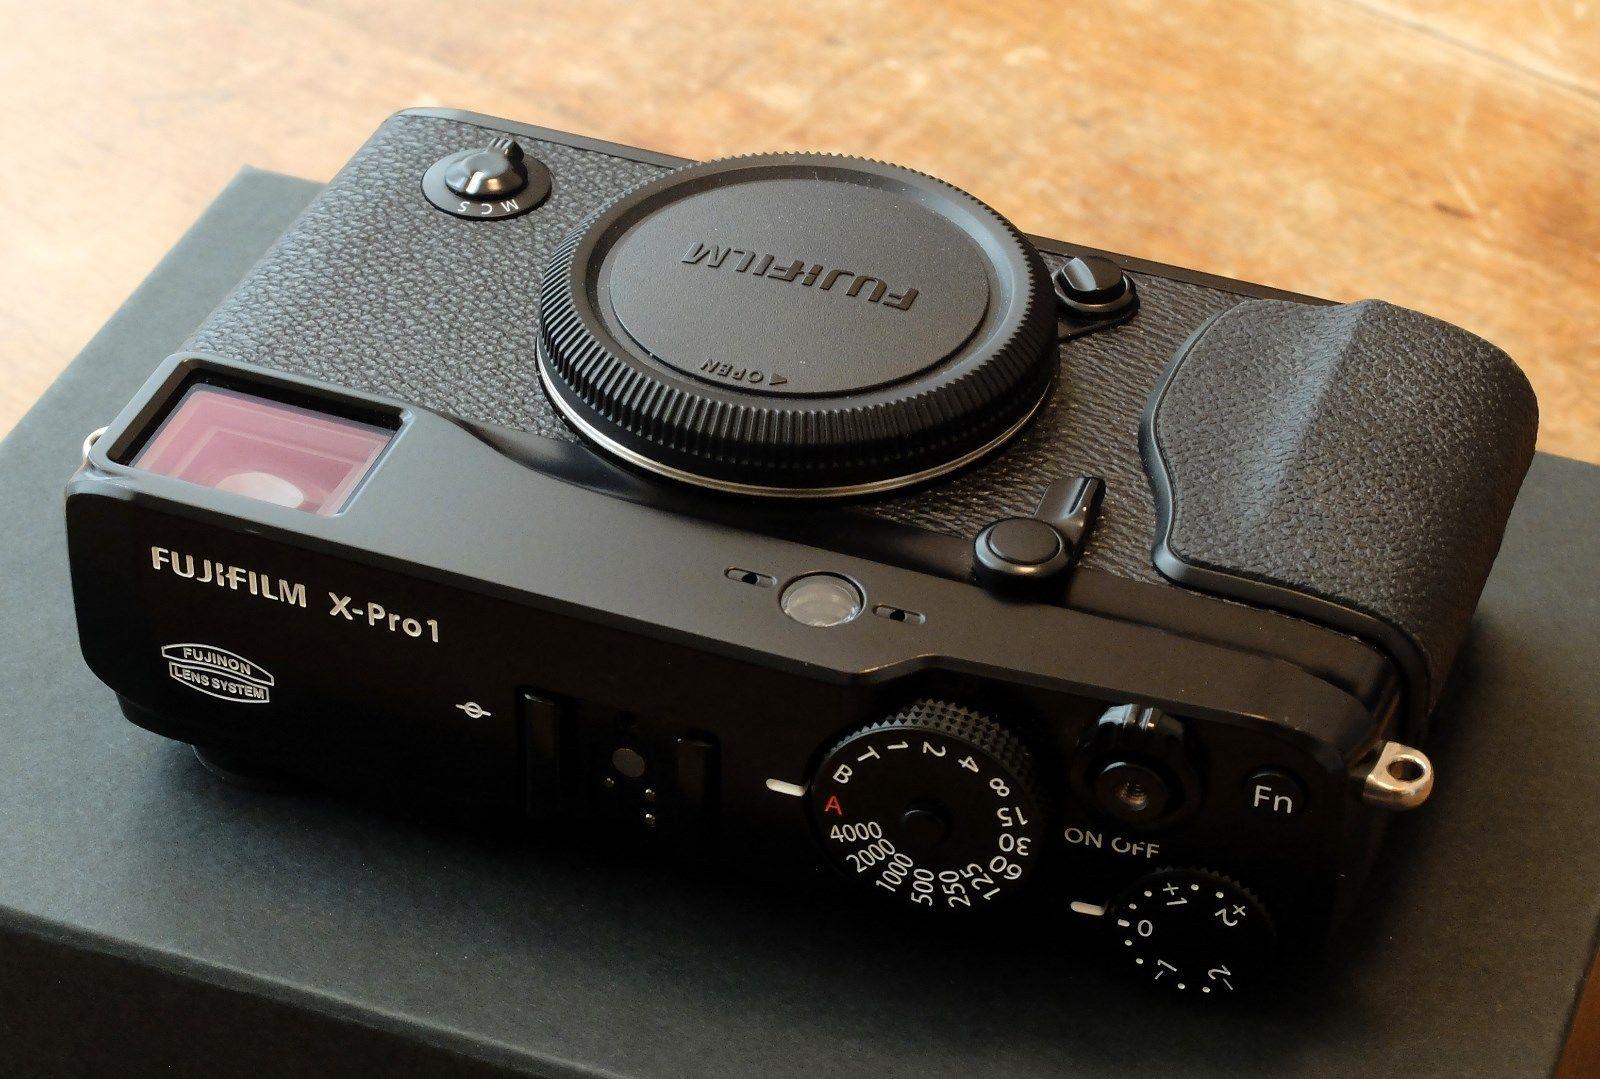 Fujifilm X-Pro 1 Gehäuse - sehr guter Zustand